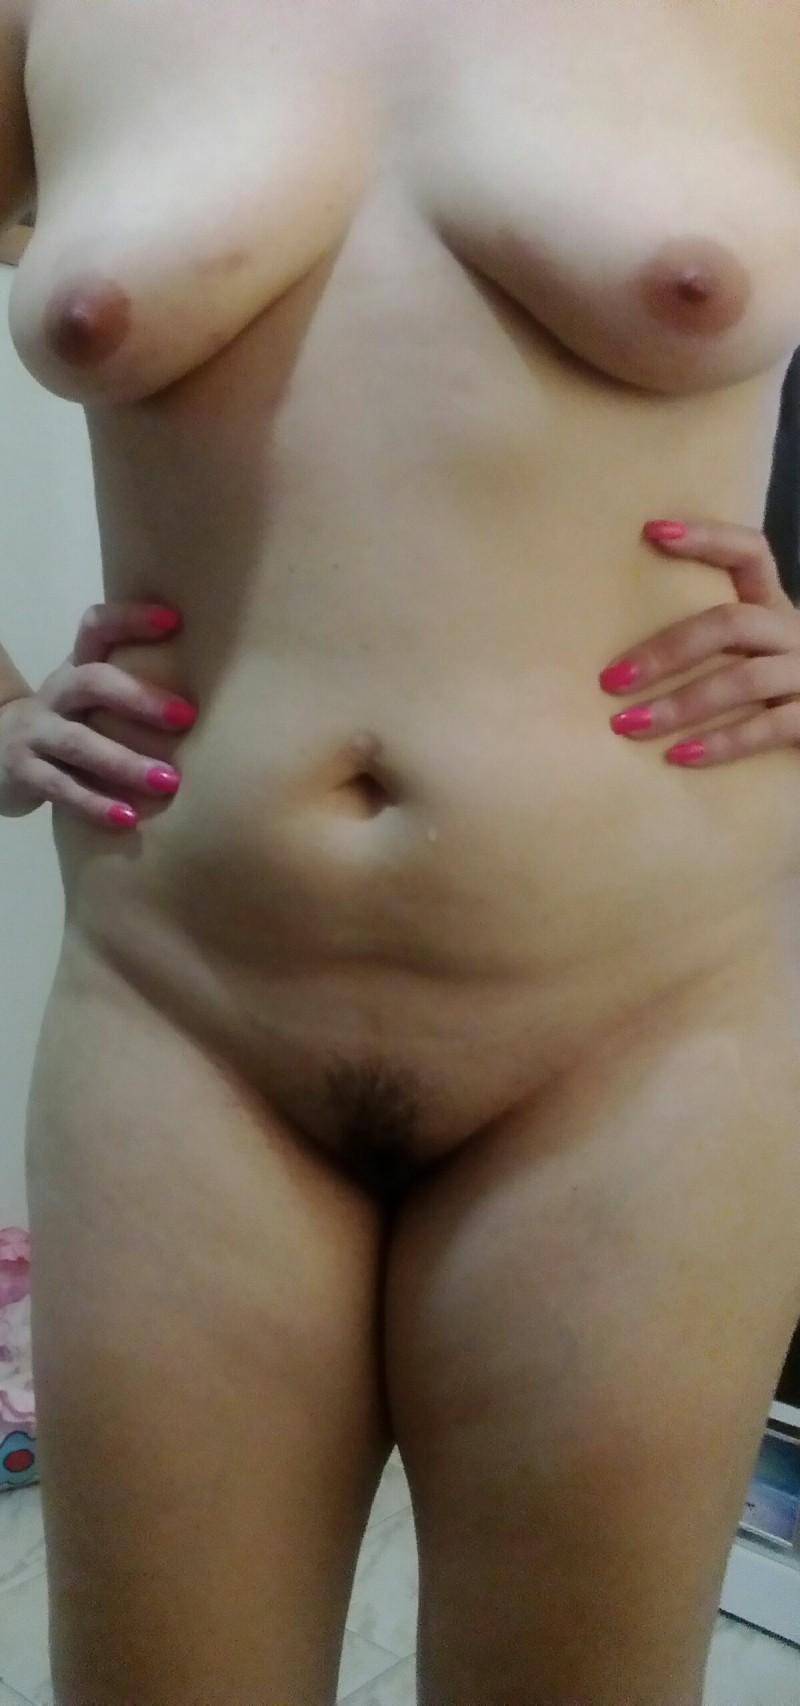 Cuzinho rosado, buceta melada e peitinhos